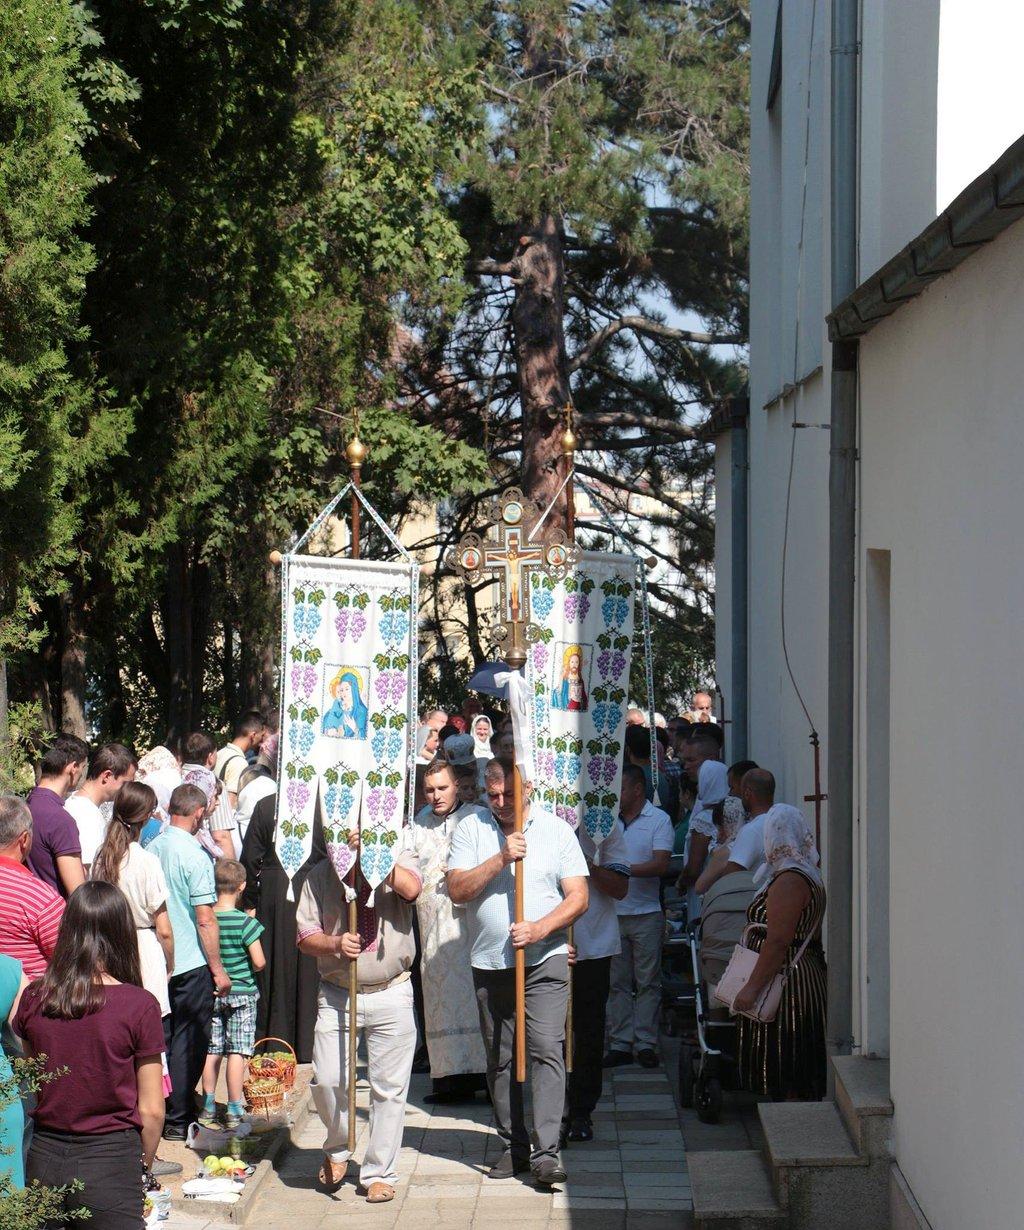 2018-08-19-brno-promeneni-001_1